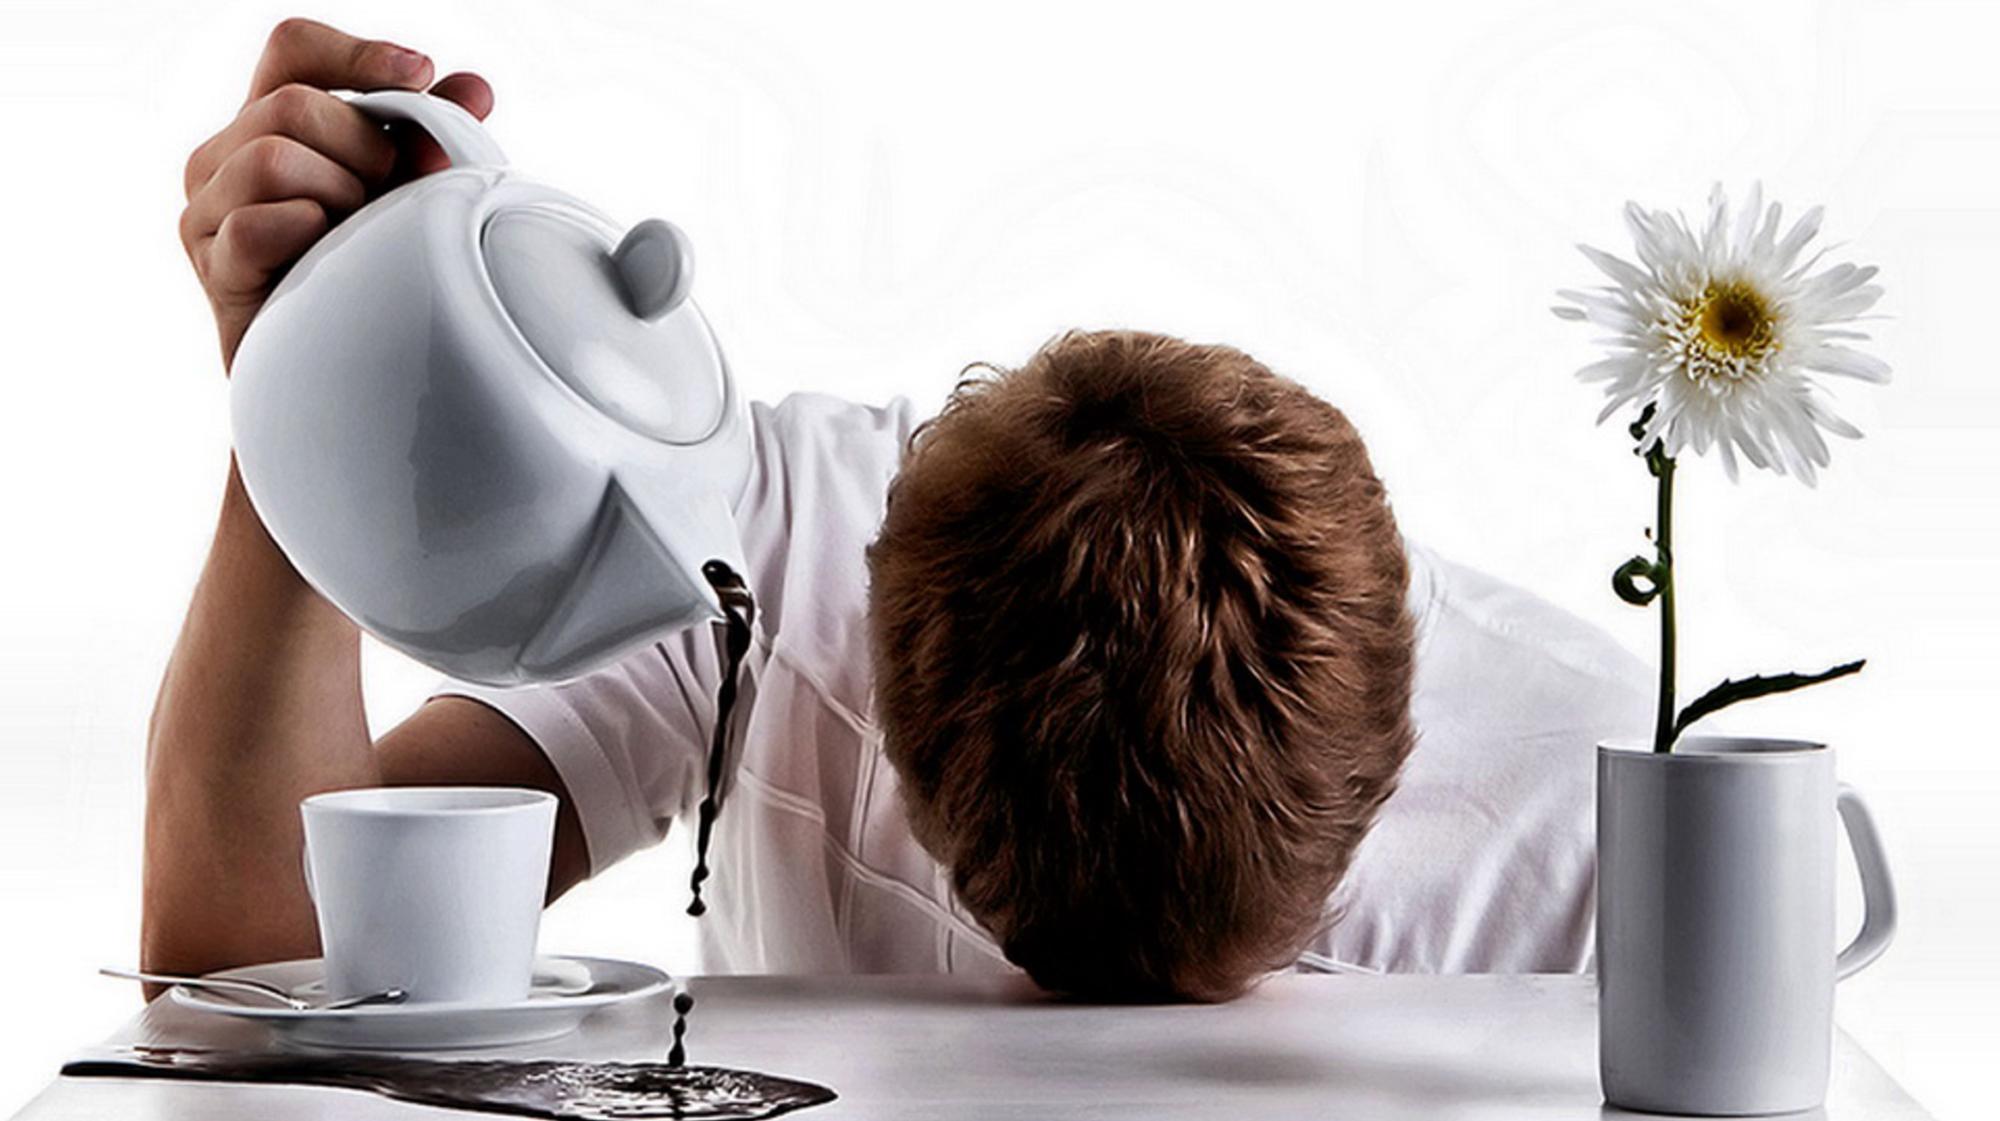 доброе утро смешные картинки с мотивацией на работу